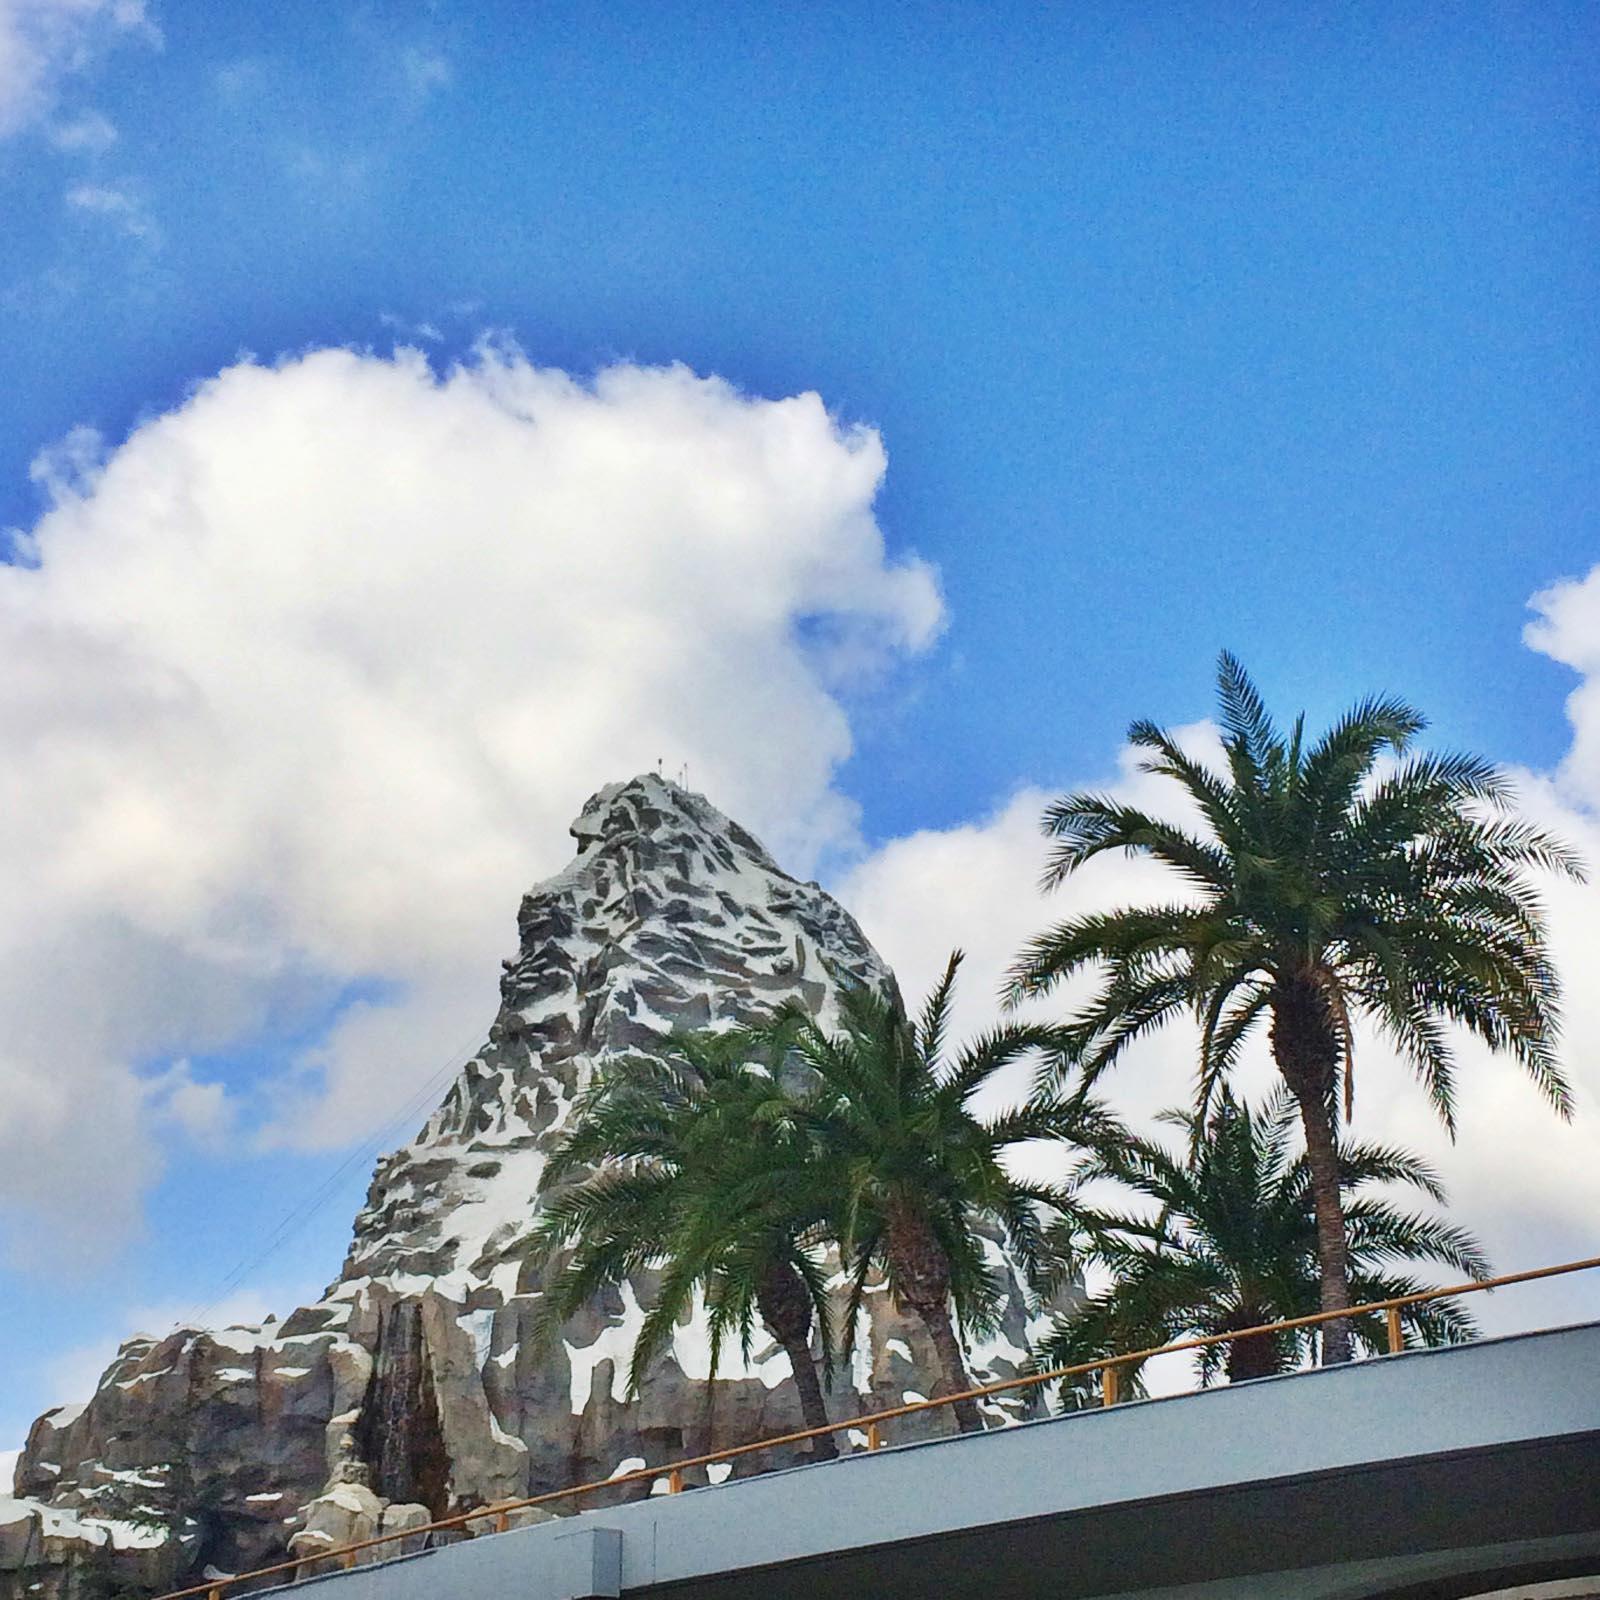 Disneylands Matterhorn